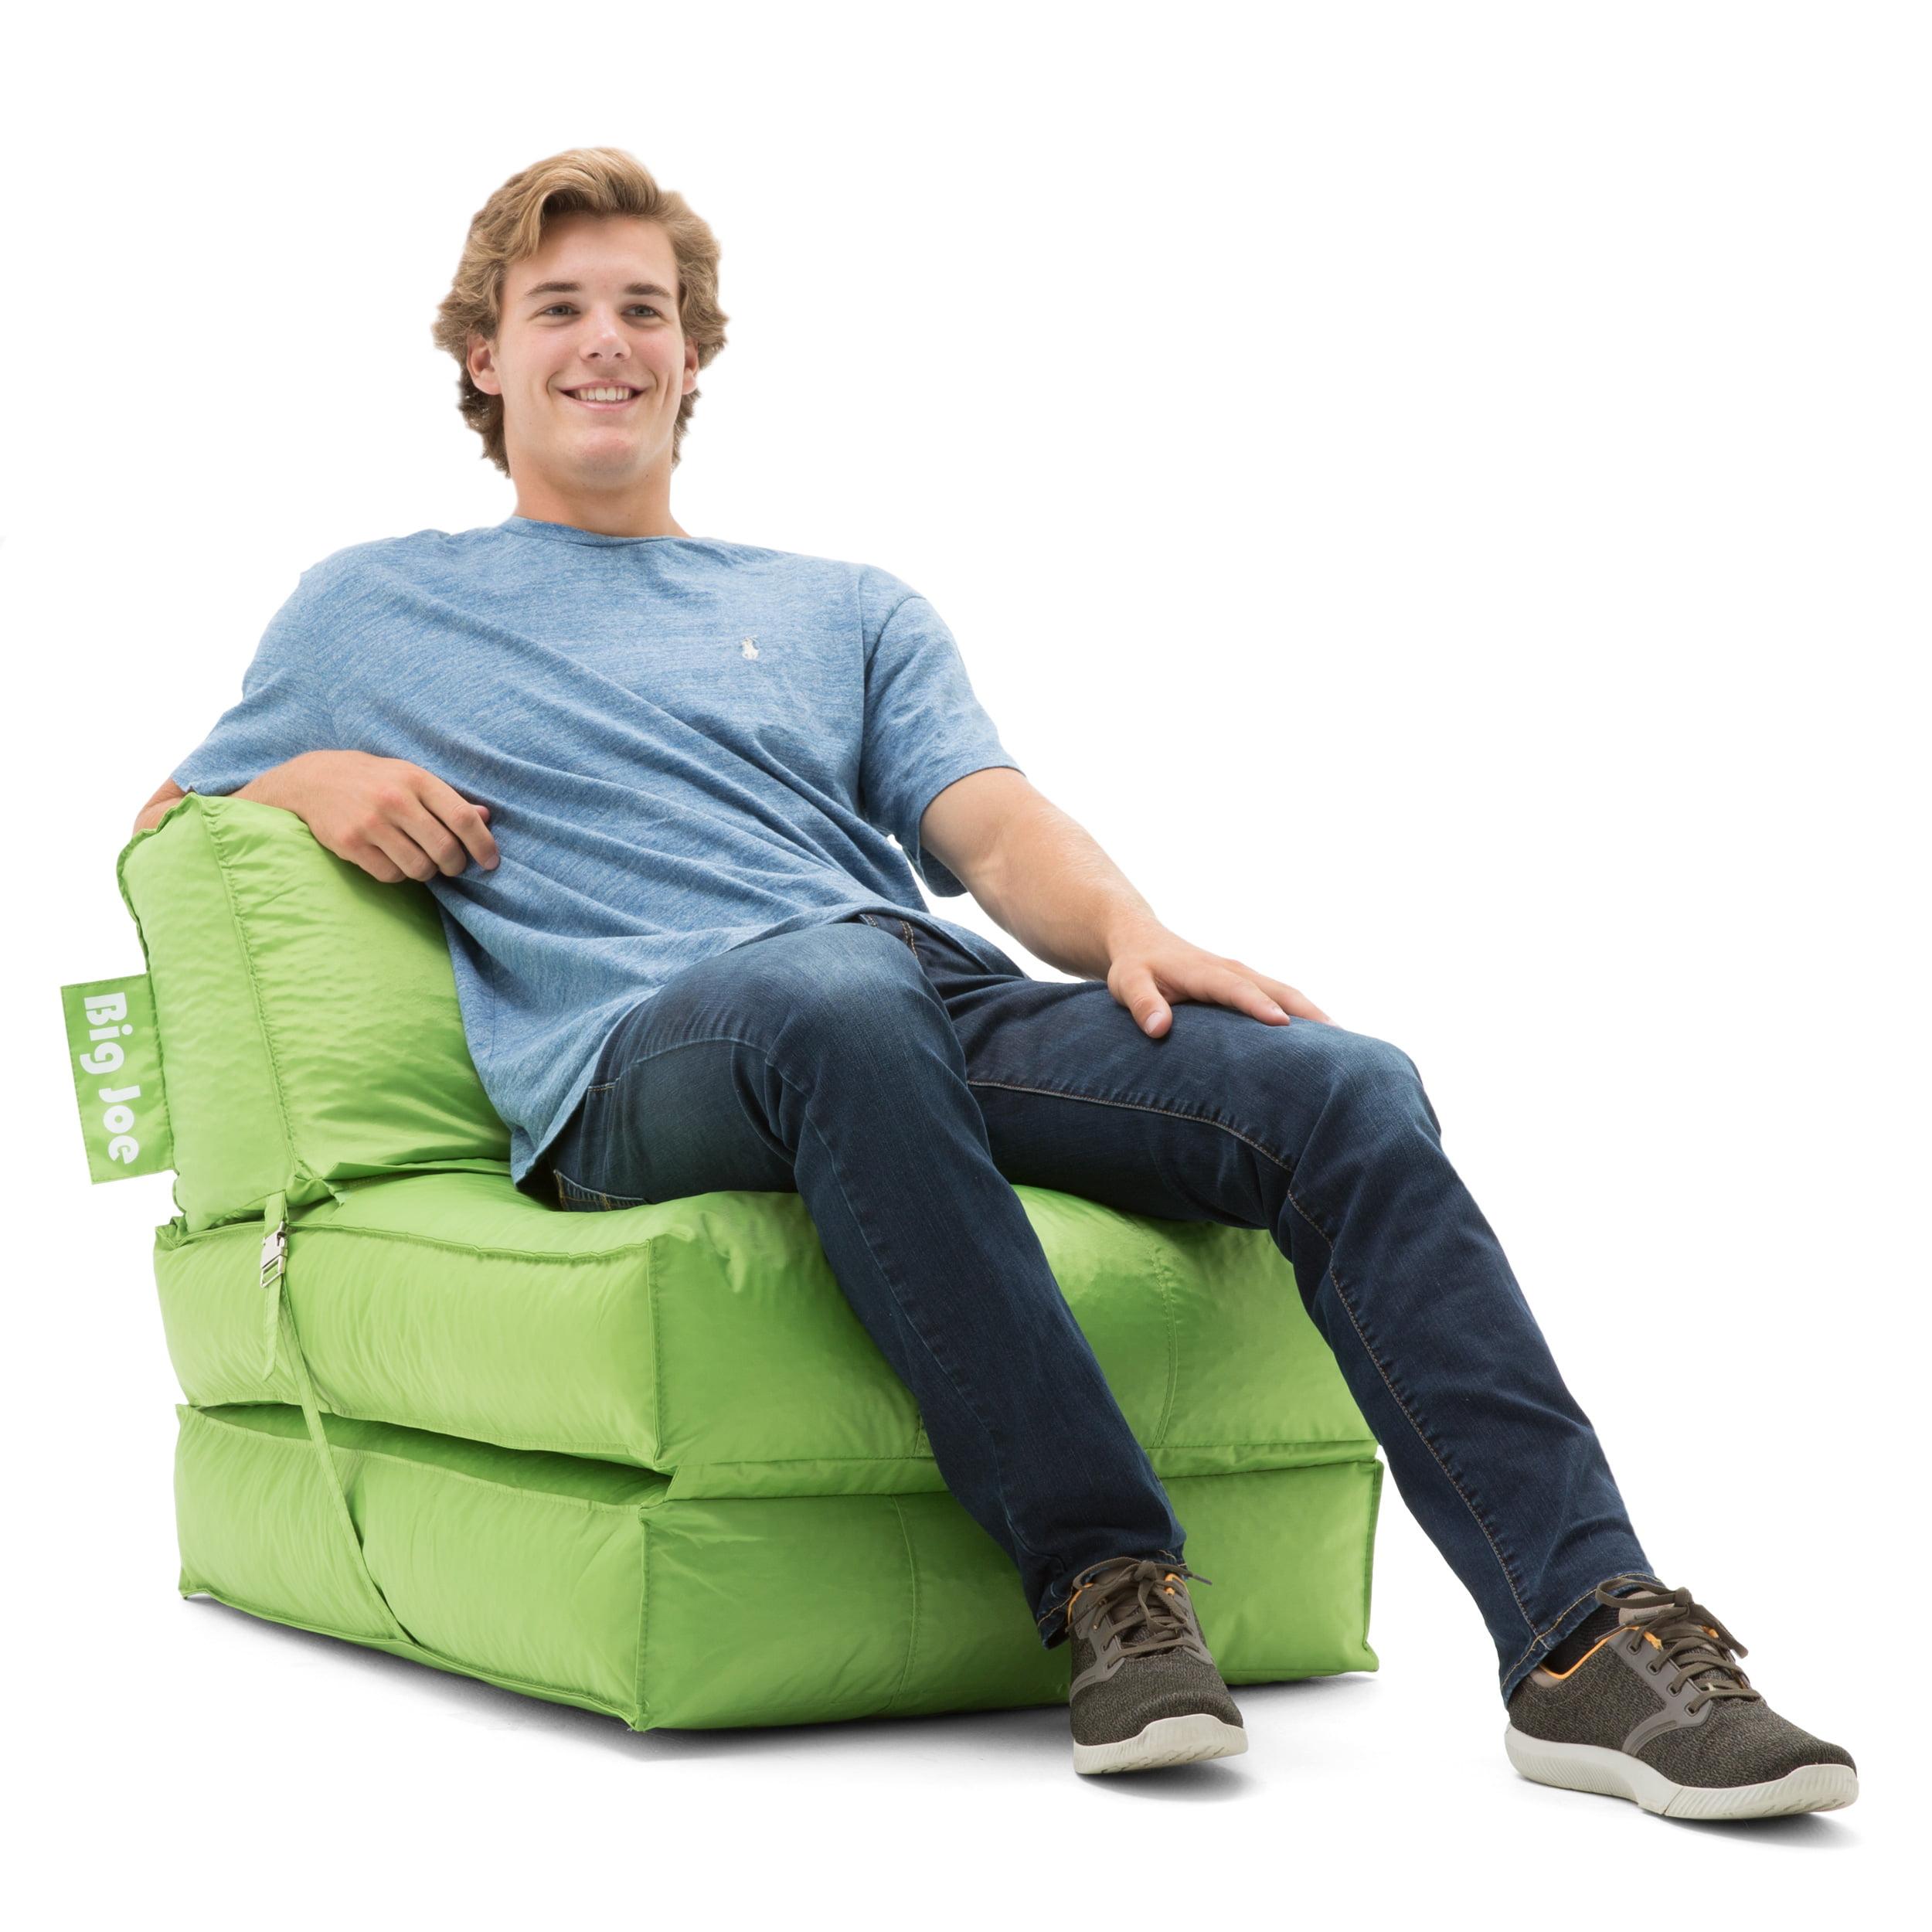 big joe flip lounger bean bag chair walmart com